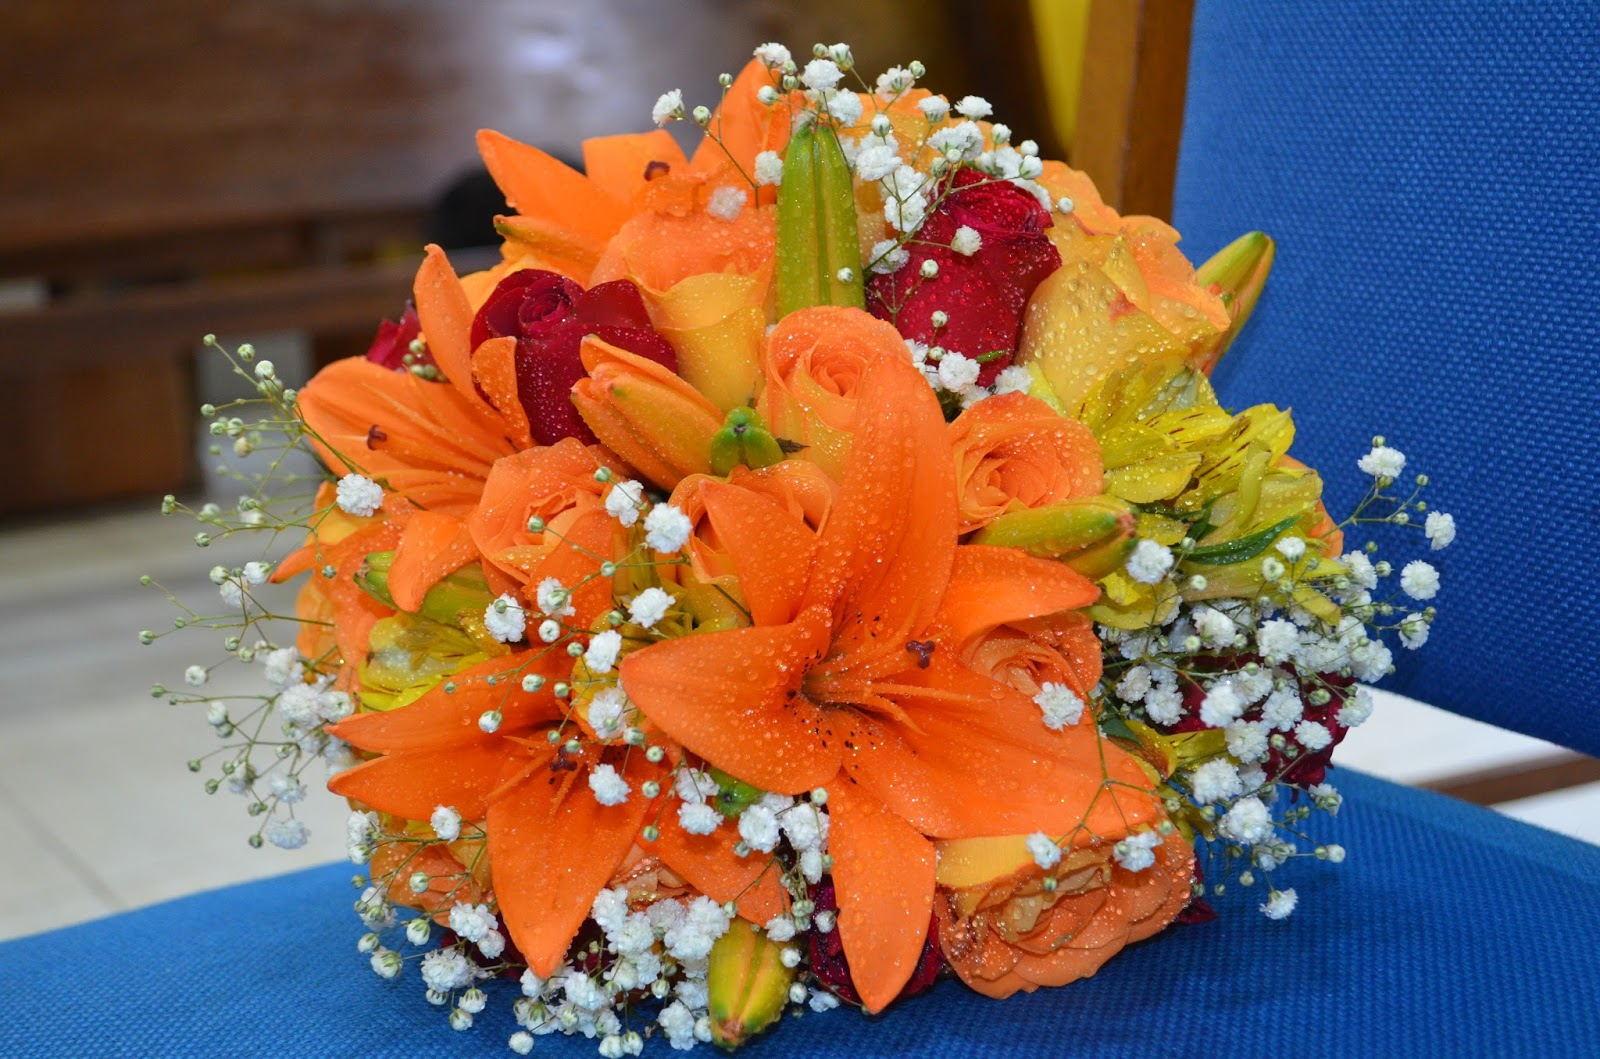 Buffet e Decorações: Decoração para casamento Laranja e Branco #C23F09 1600x1059 Banheiro Branco E Laranja